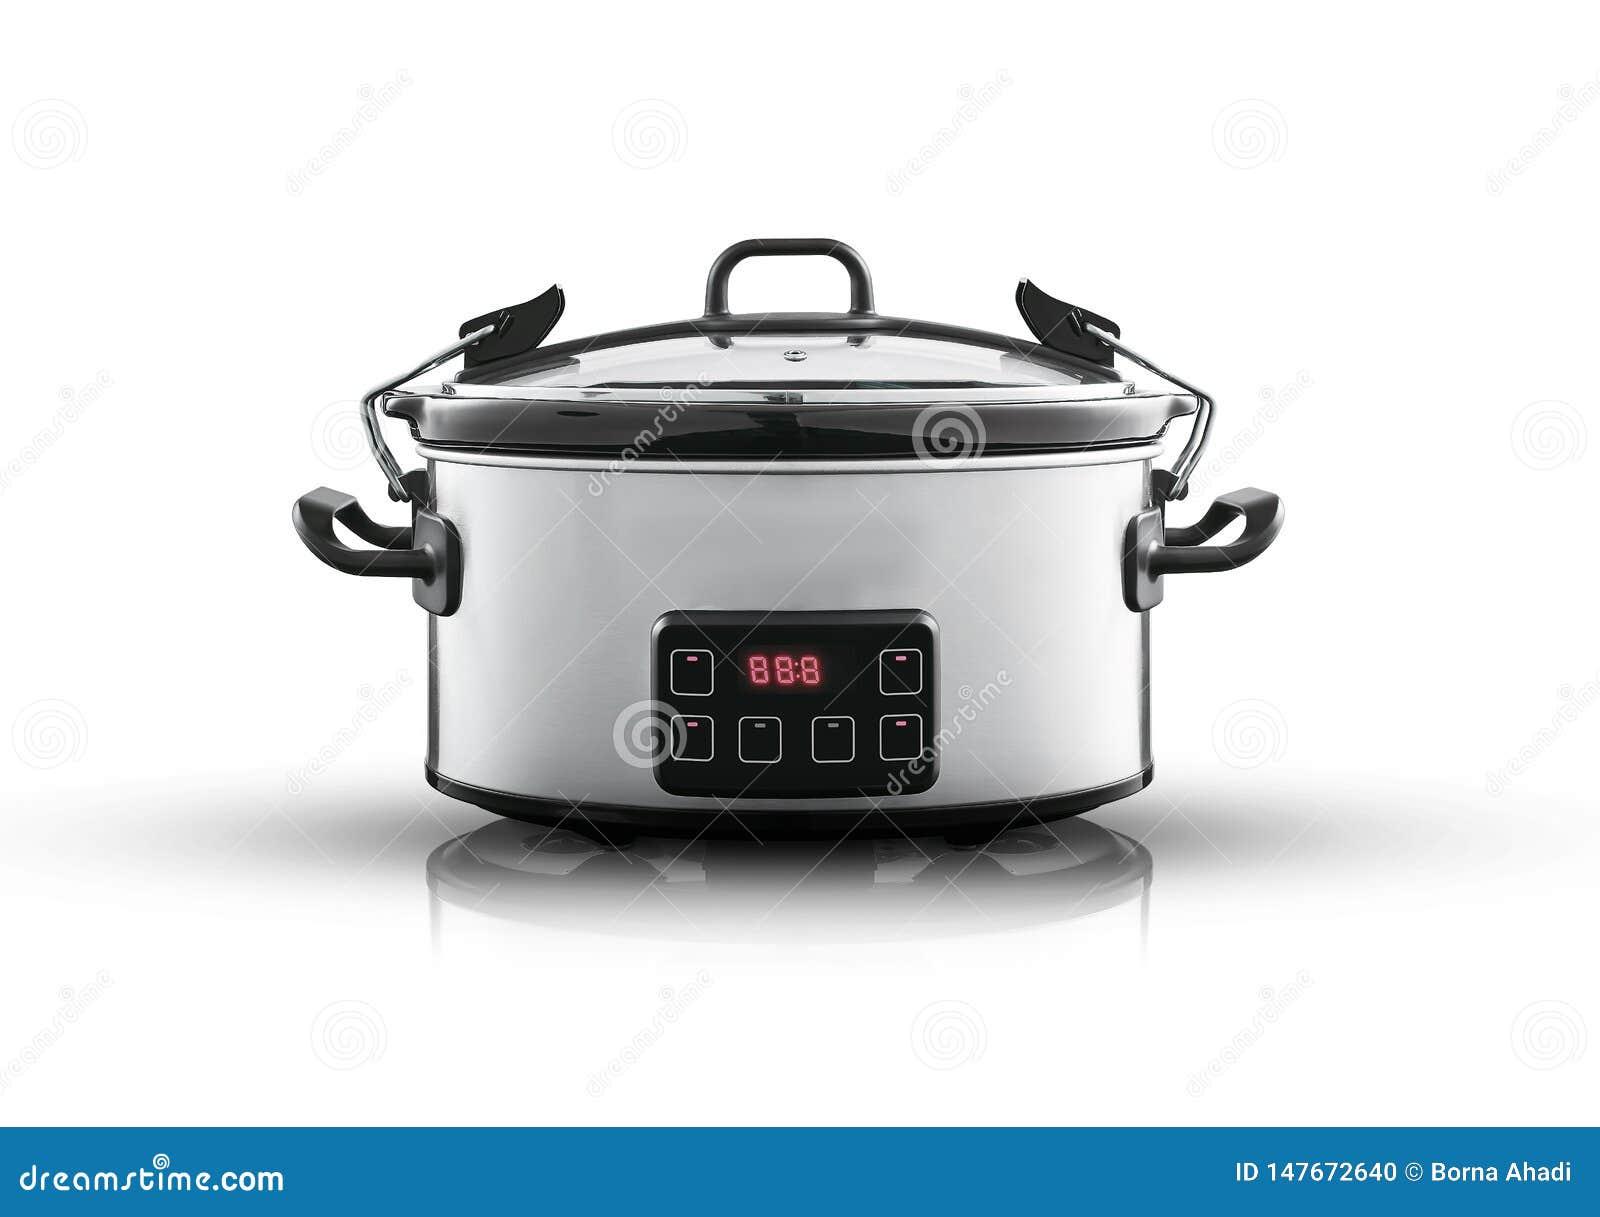 Digitaal elektronisch kooktoestel